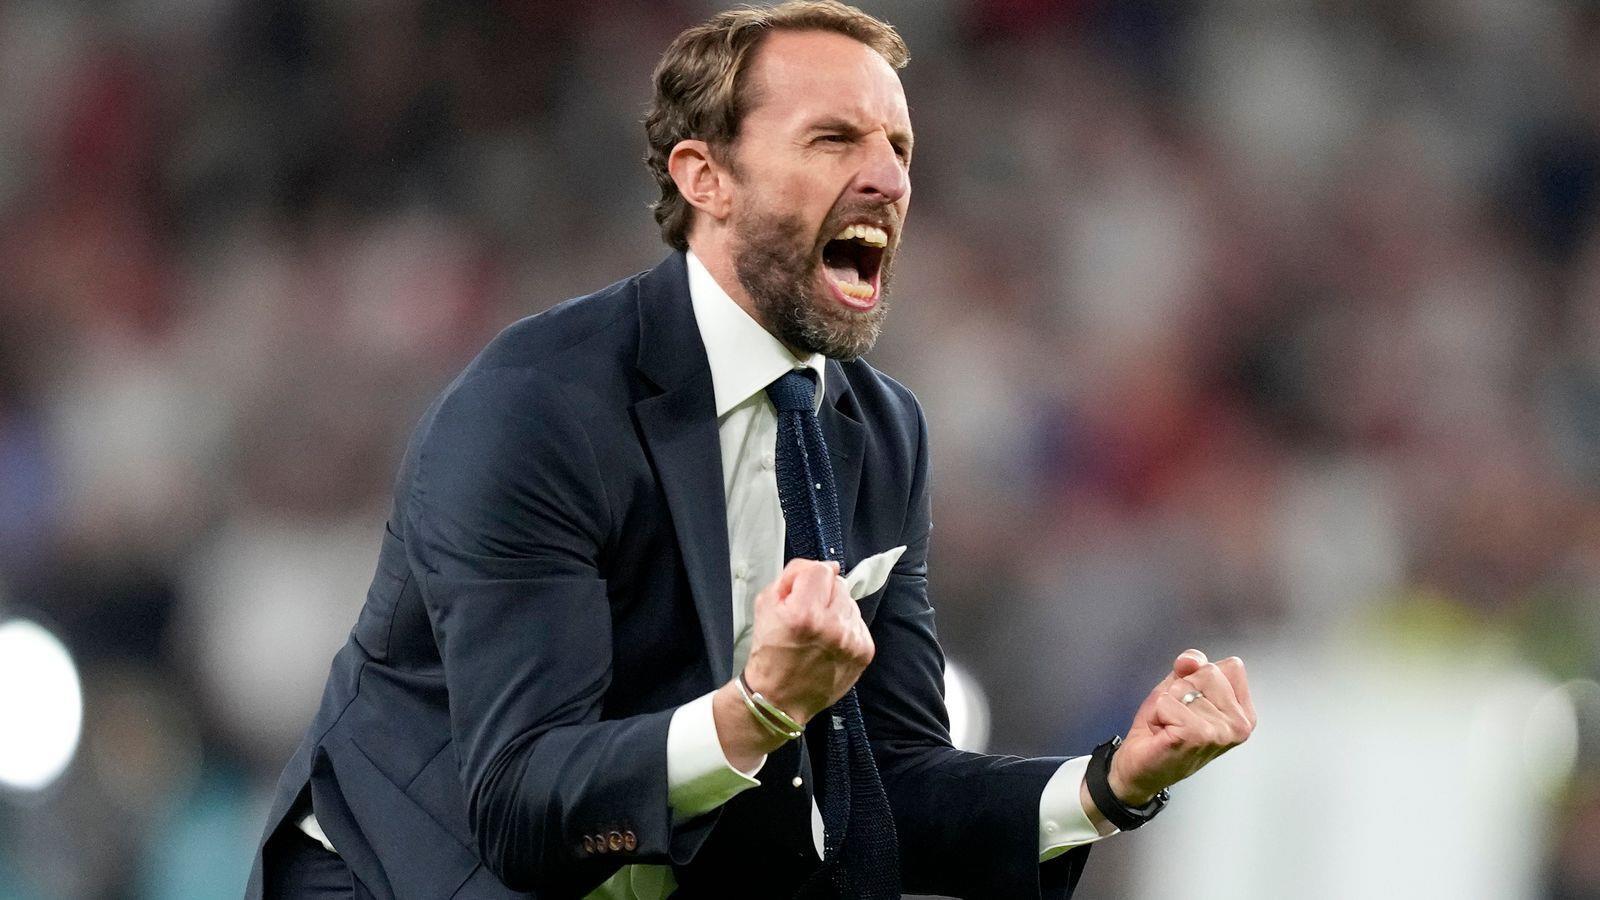 EURO 2020 ngày 11/7: HLV Southgate tuyên bố sẵn sàng 'mang cúp về nhà' - 1